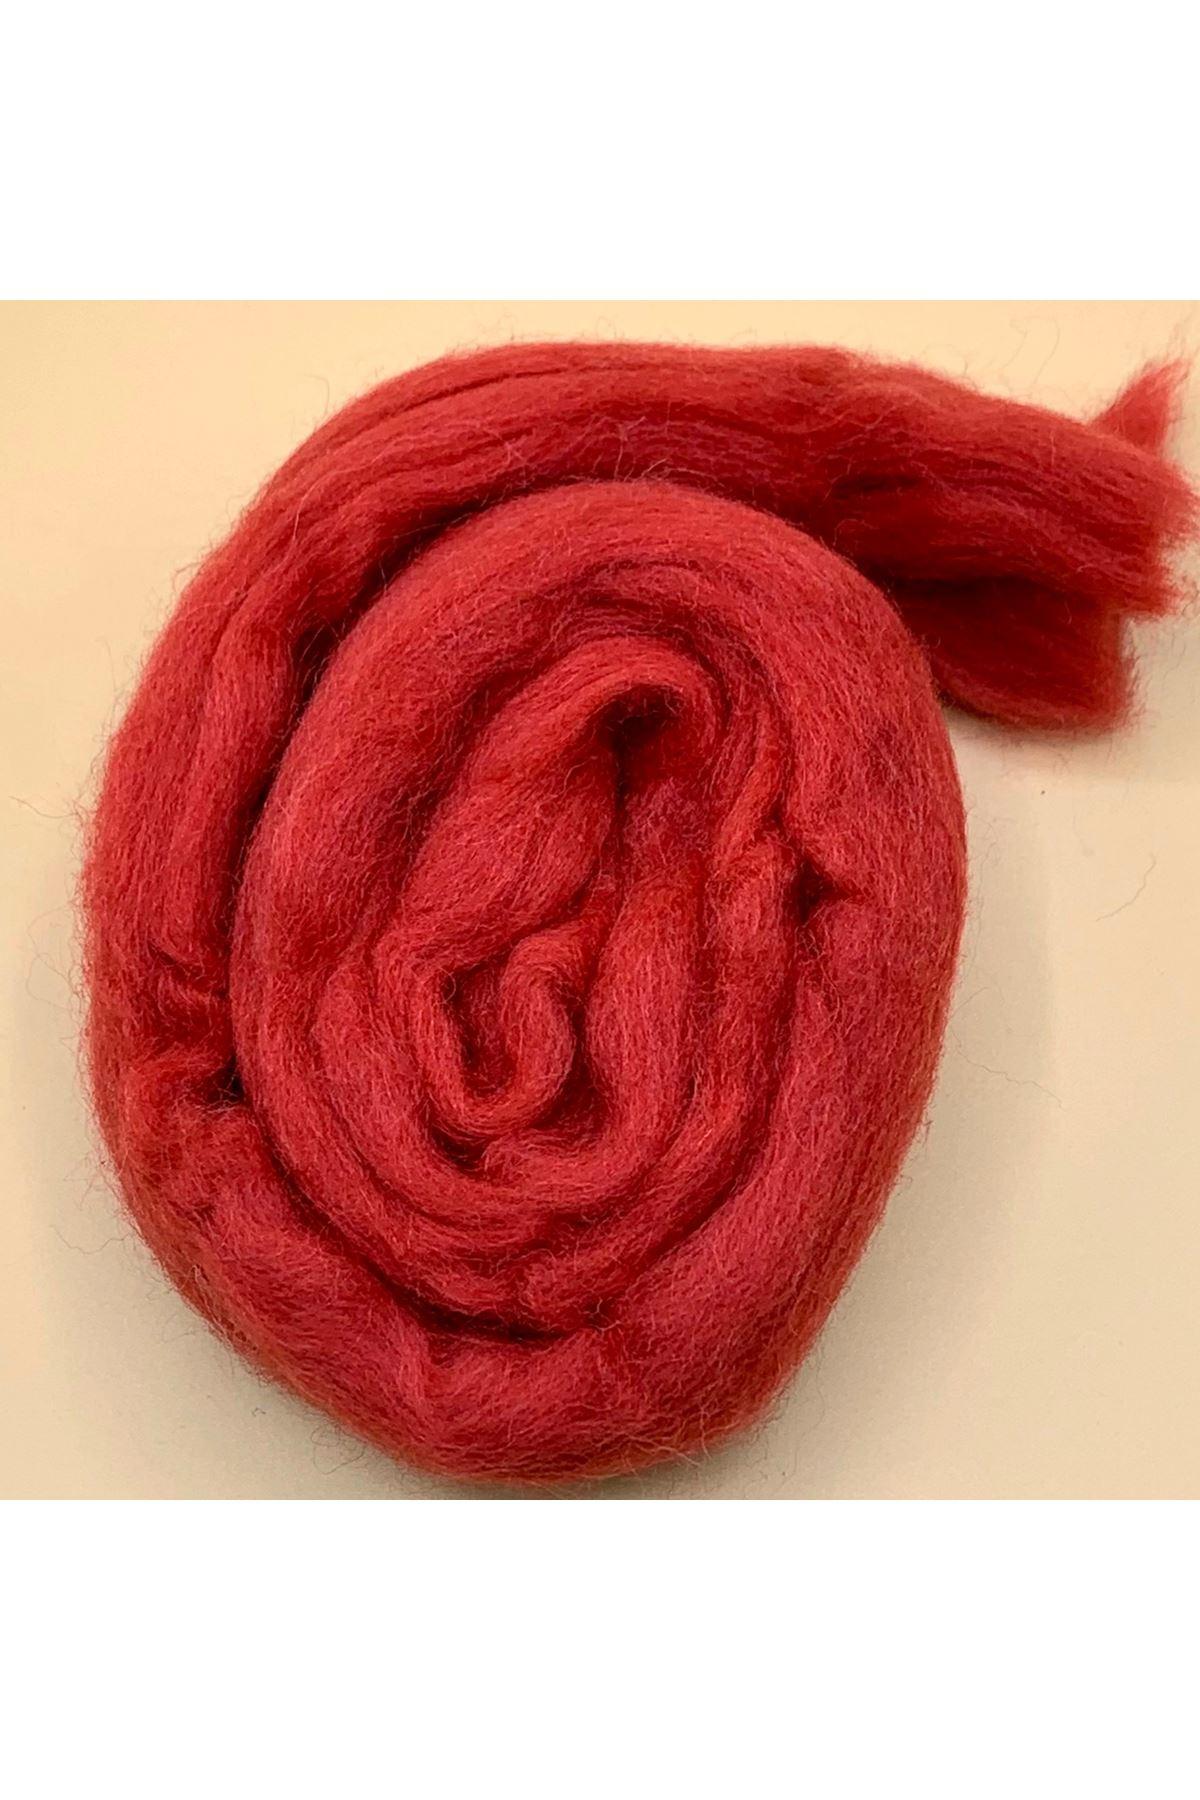 Saf Yün Keçe 25 gram 1 metre - Bayrak Kırmızı